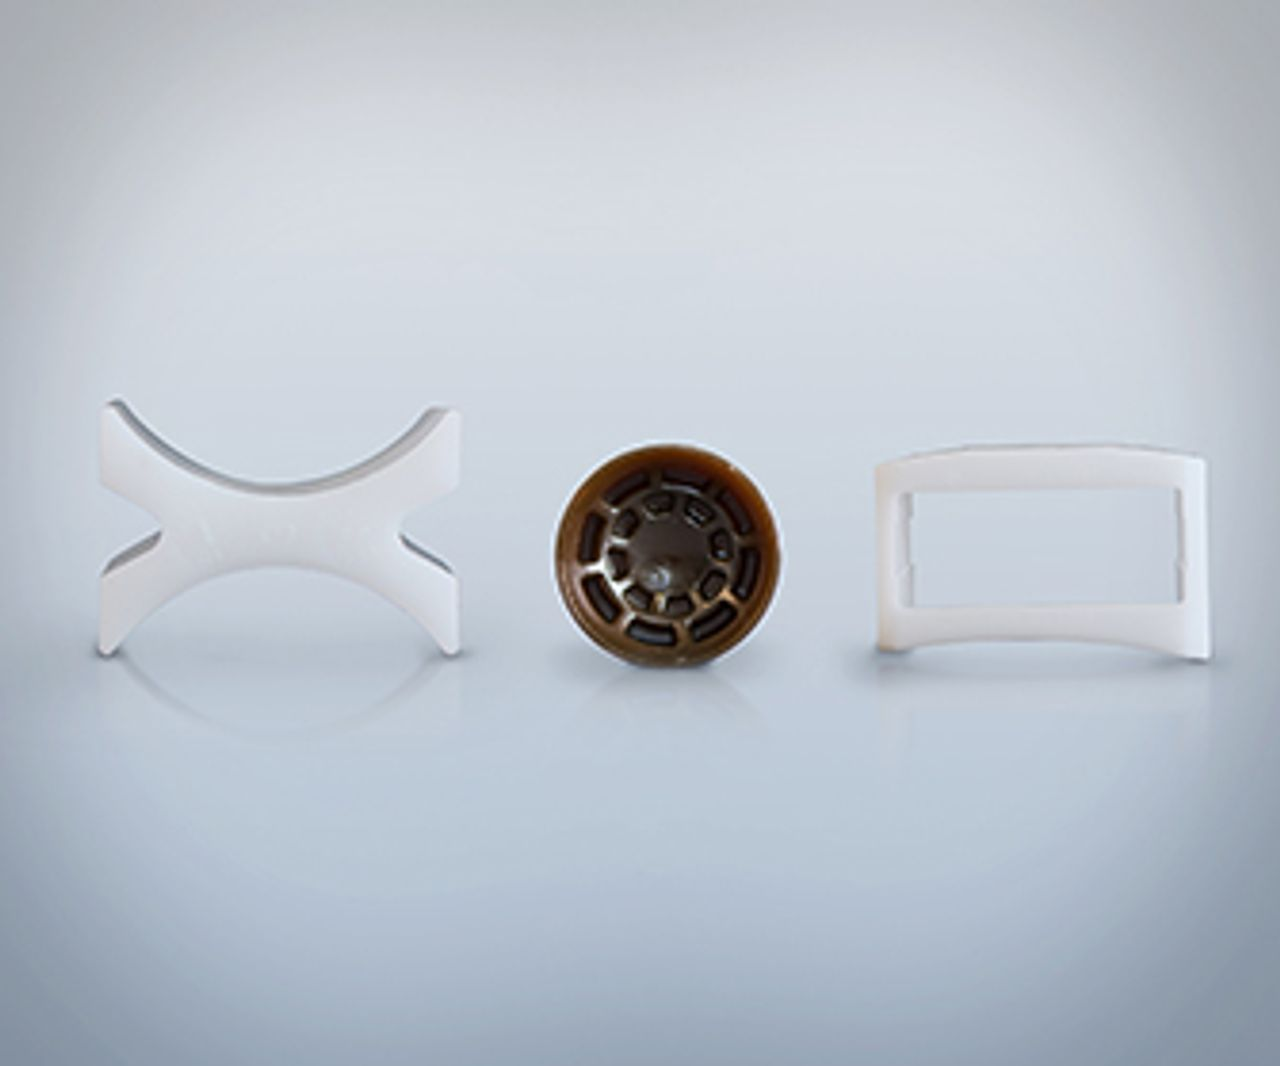 Tres piezas de plástico, en forma de X, redondas y rectangulares sobre un fondo gris